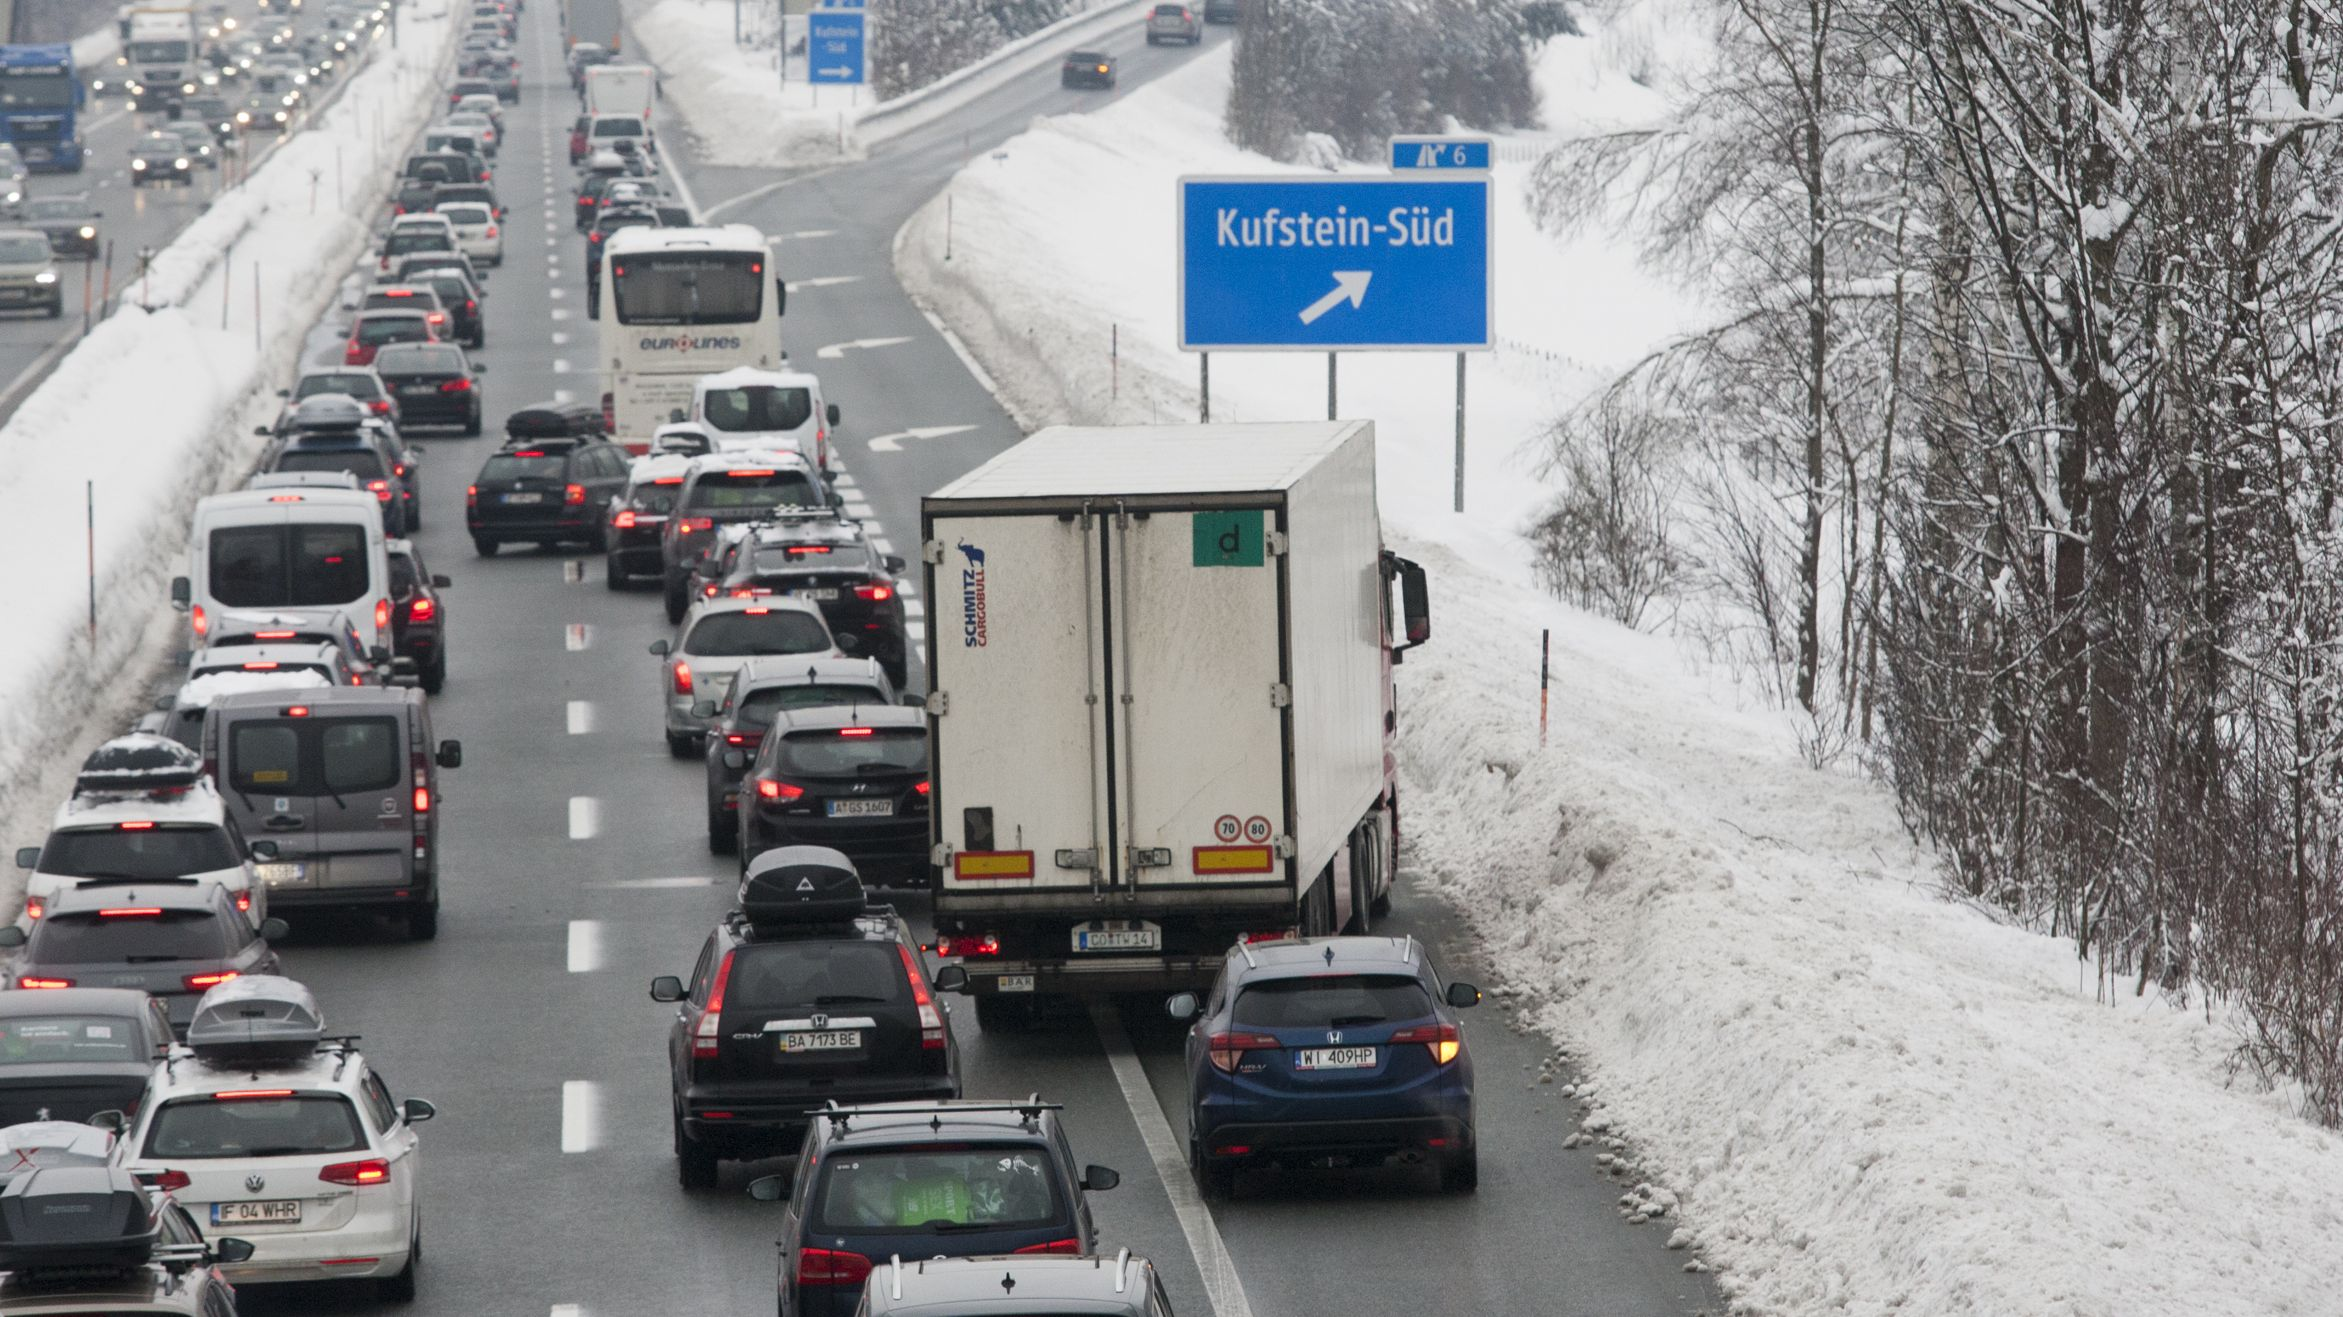 Stau und dichter Verkehr auf der Autobahn in der Region Kufstein